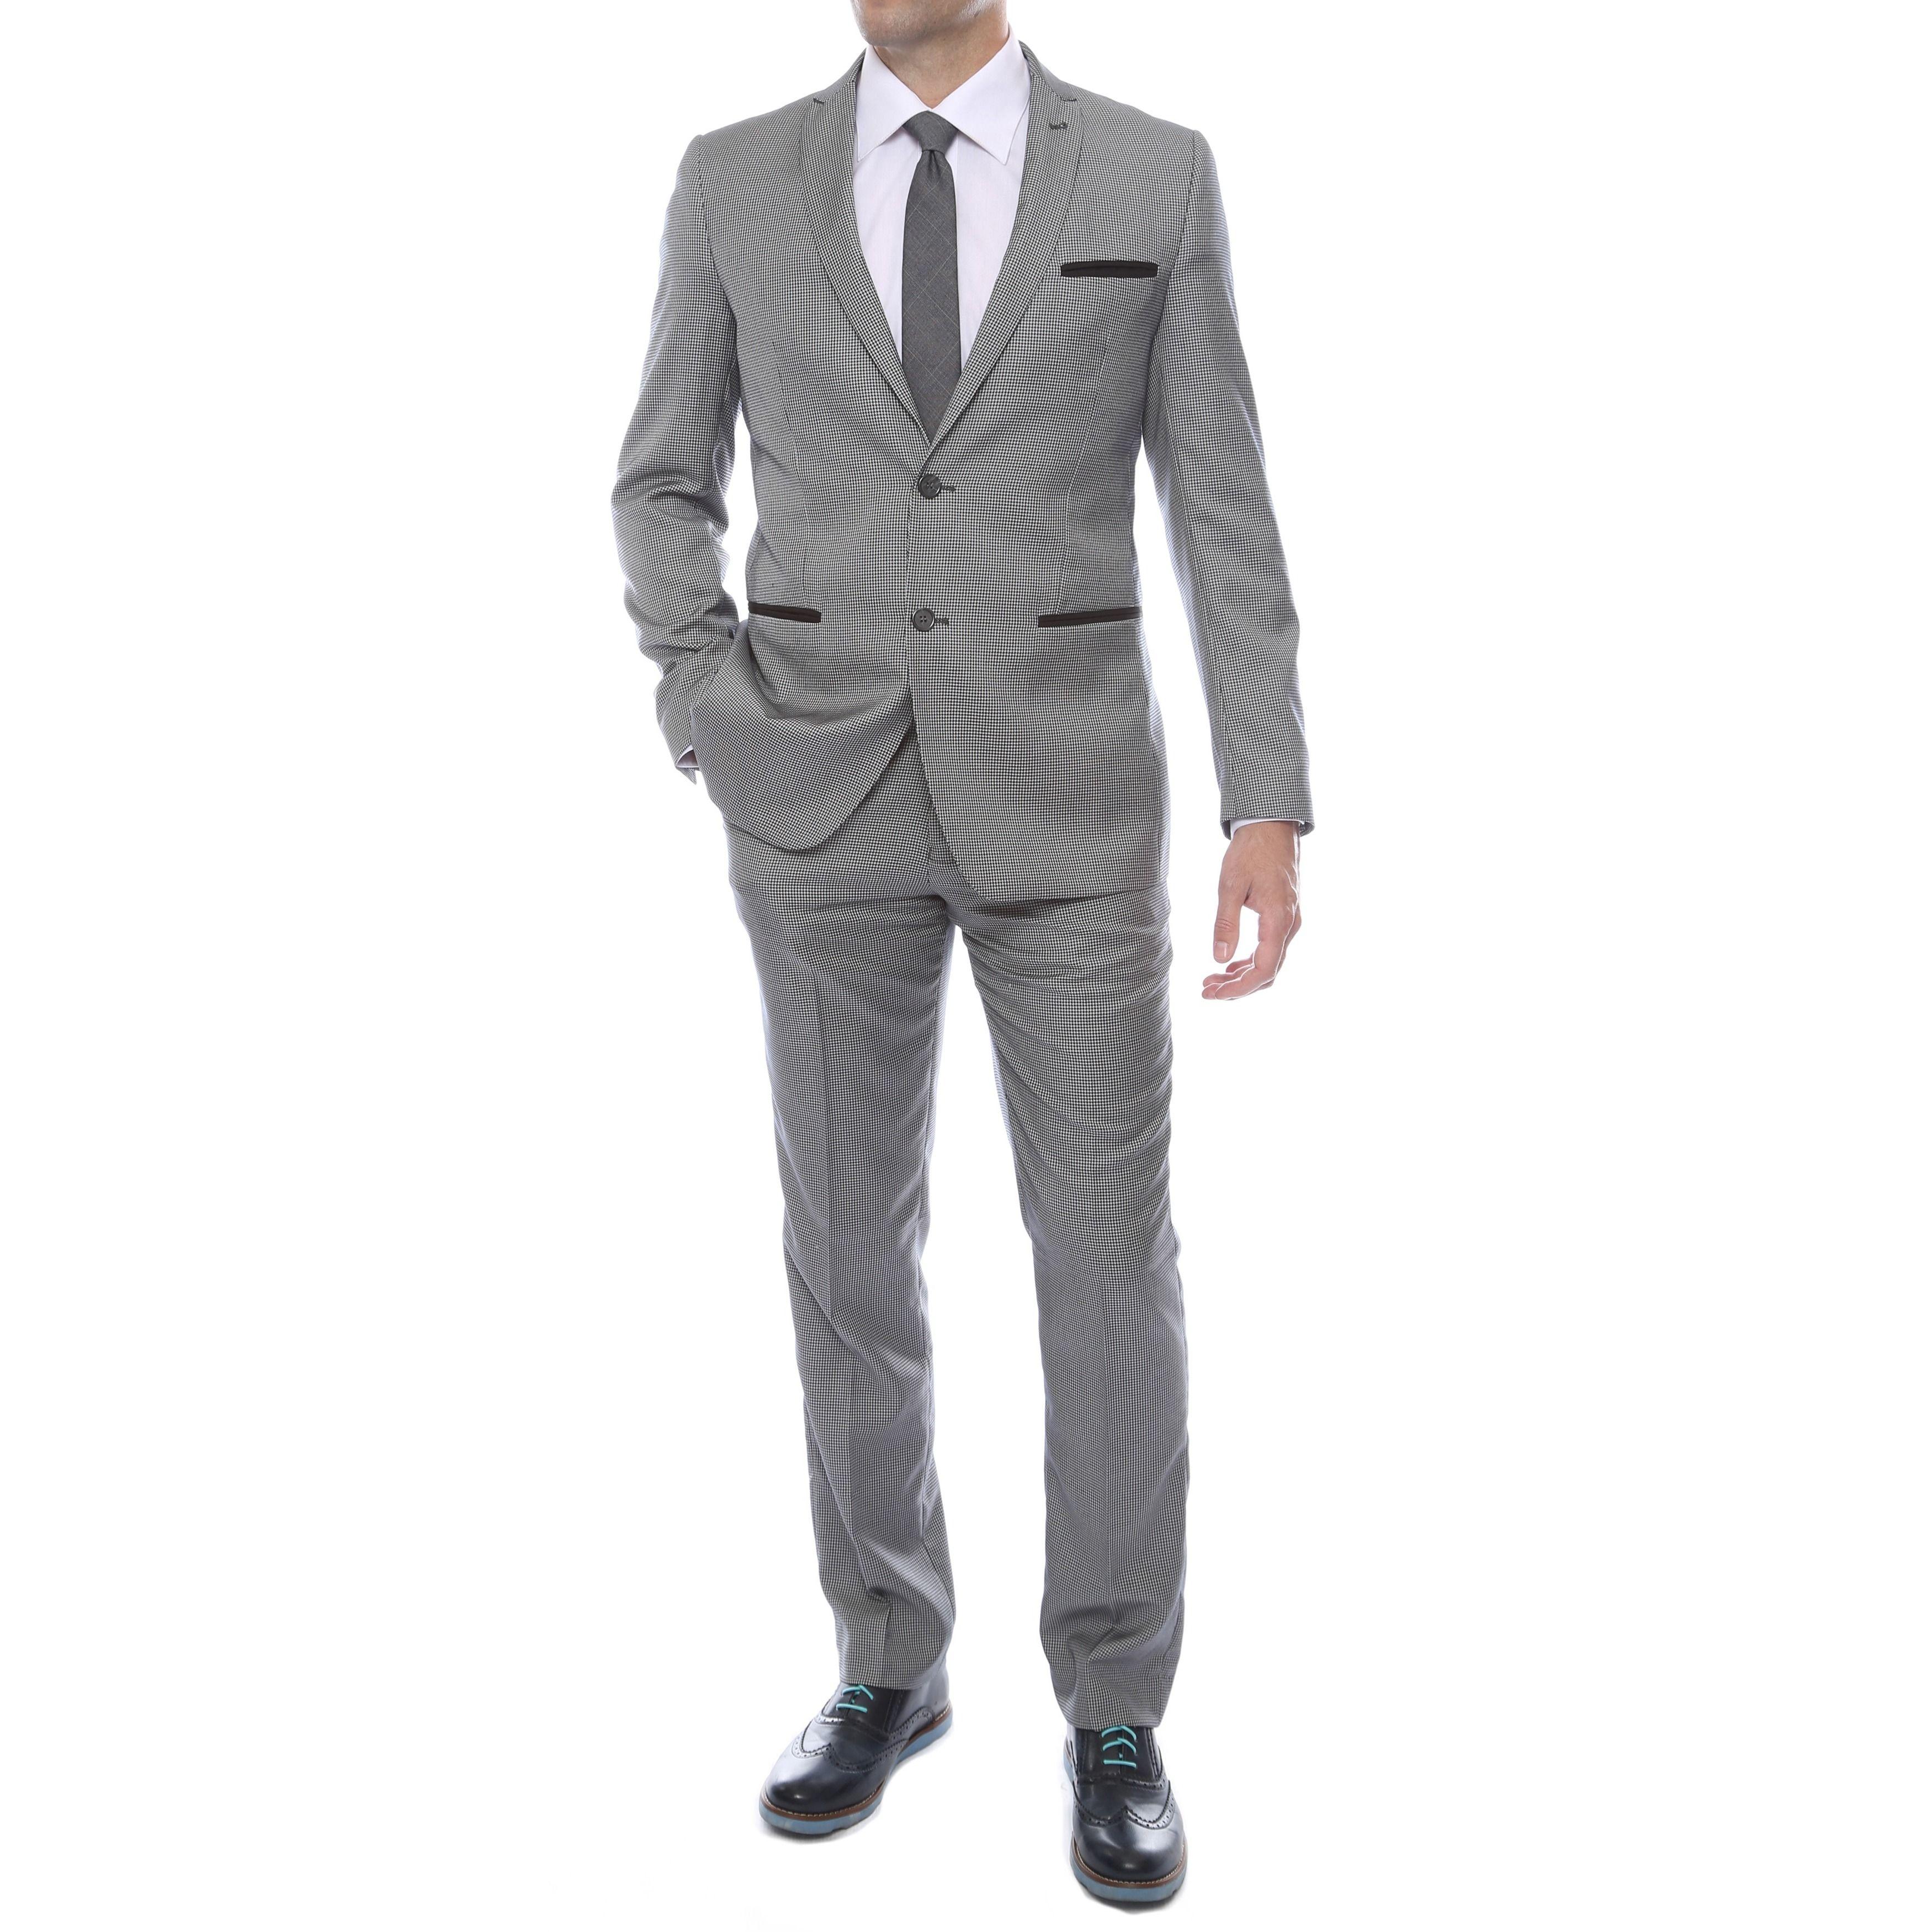 Zonettie-Ferrecci Men's Ultra Comfort 2-piece 2-button Suit - Puppy Tooth/Birds Eye Design